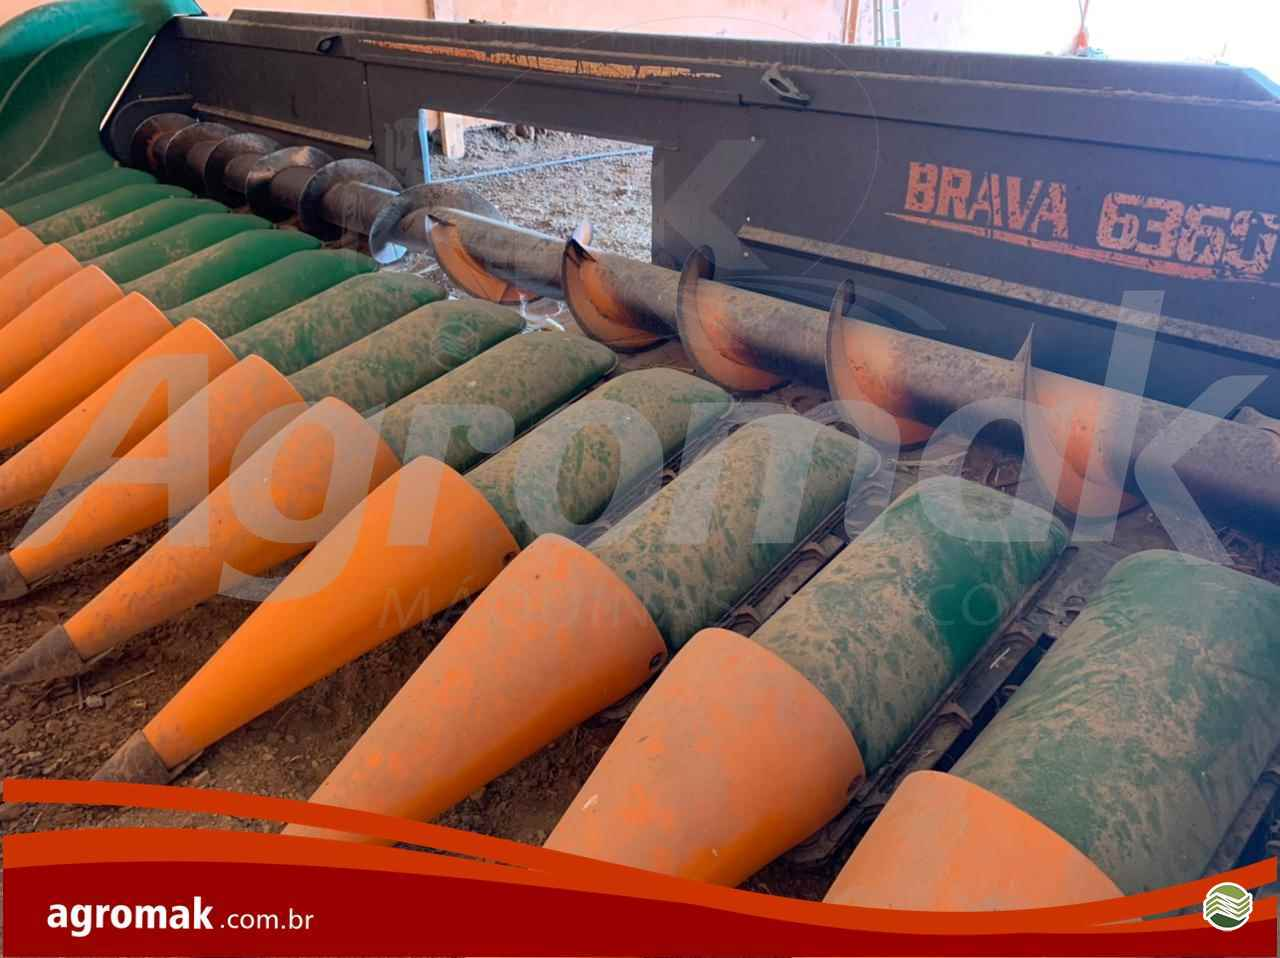 STARA BRAVA 6360  2007/2007 Agromak Máquinas Agrícolas